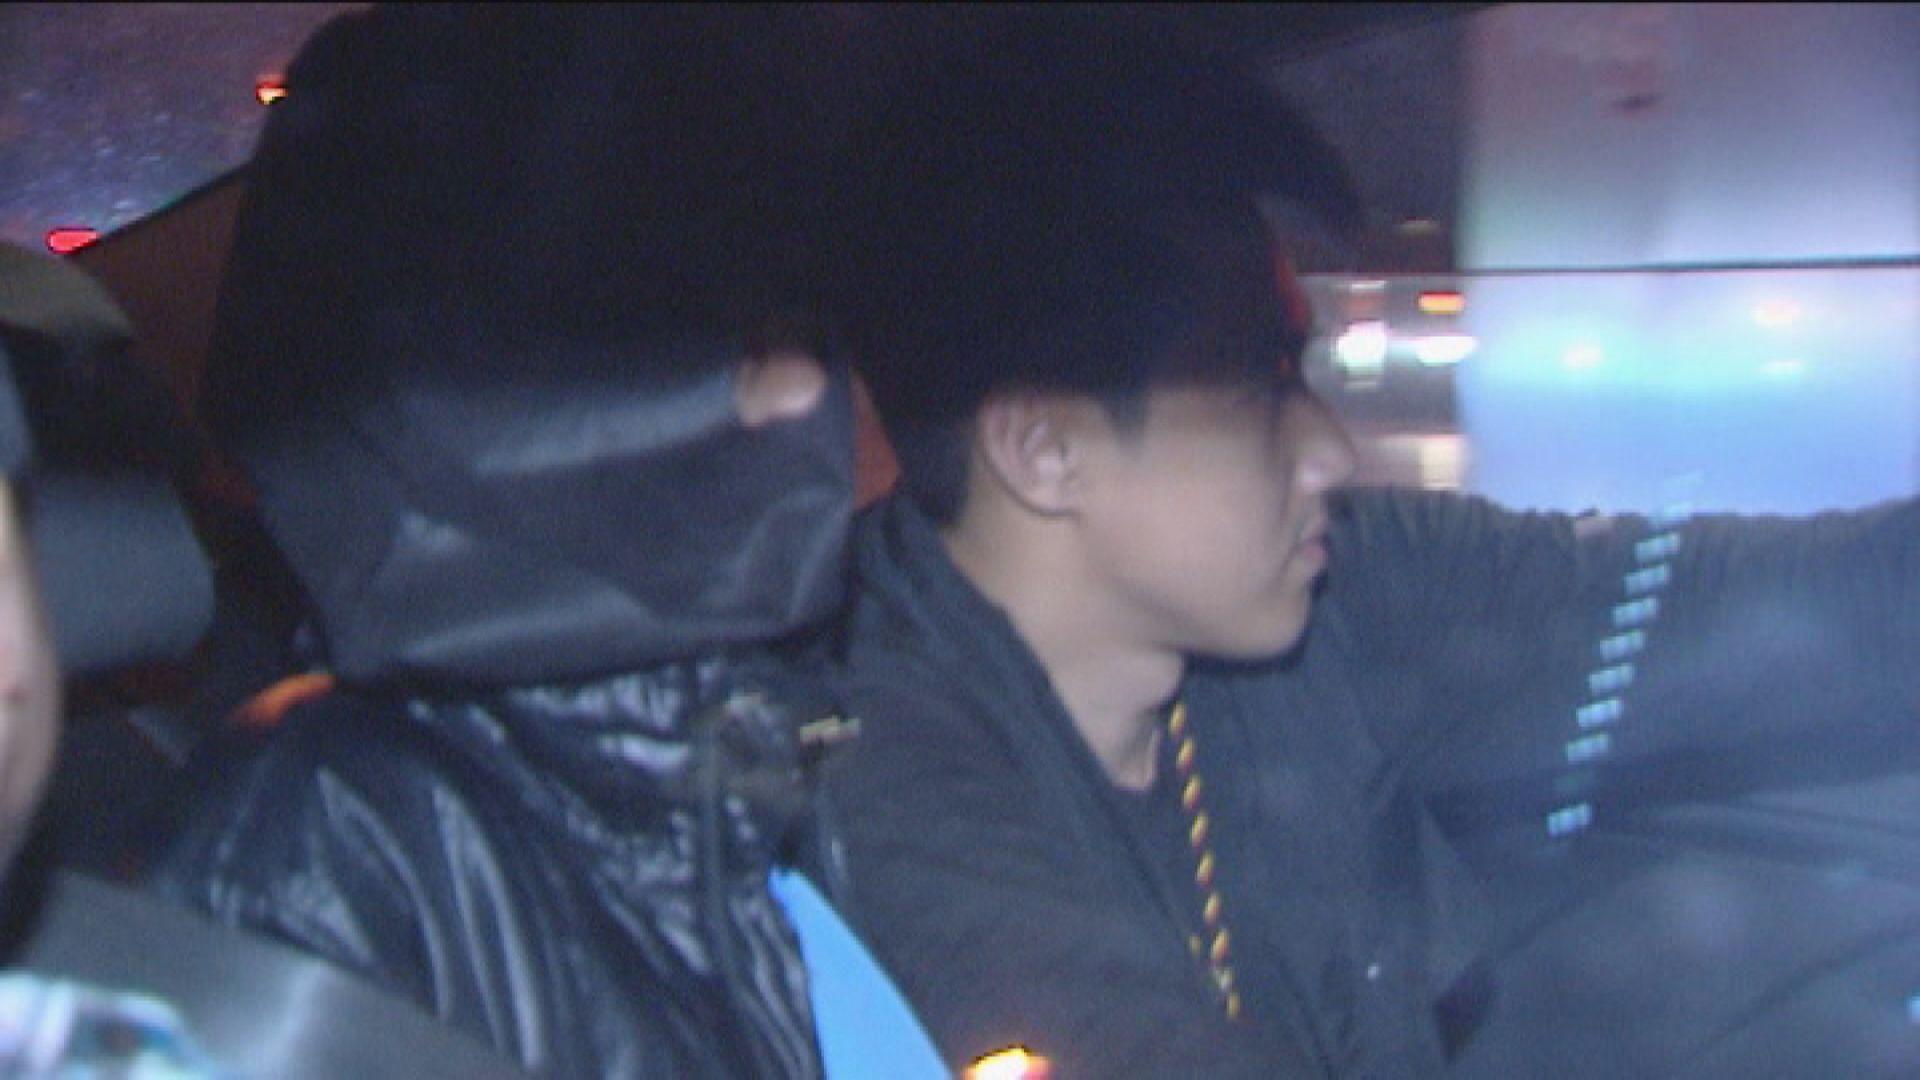 報章引述消息人士指陳同佳願到台灣自首